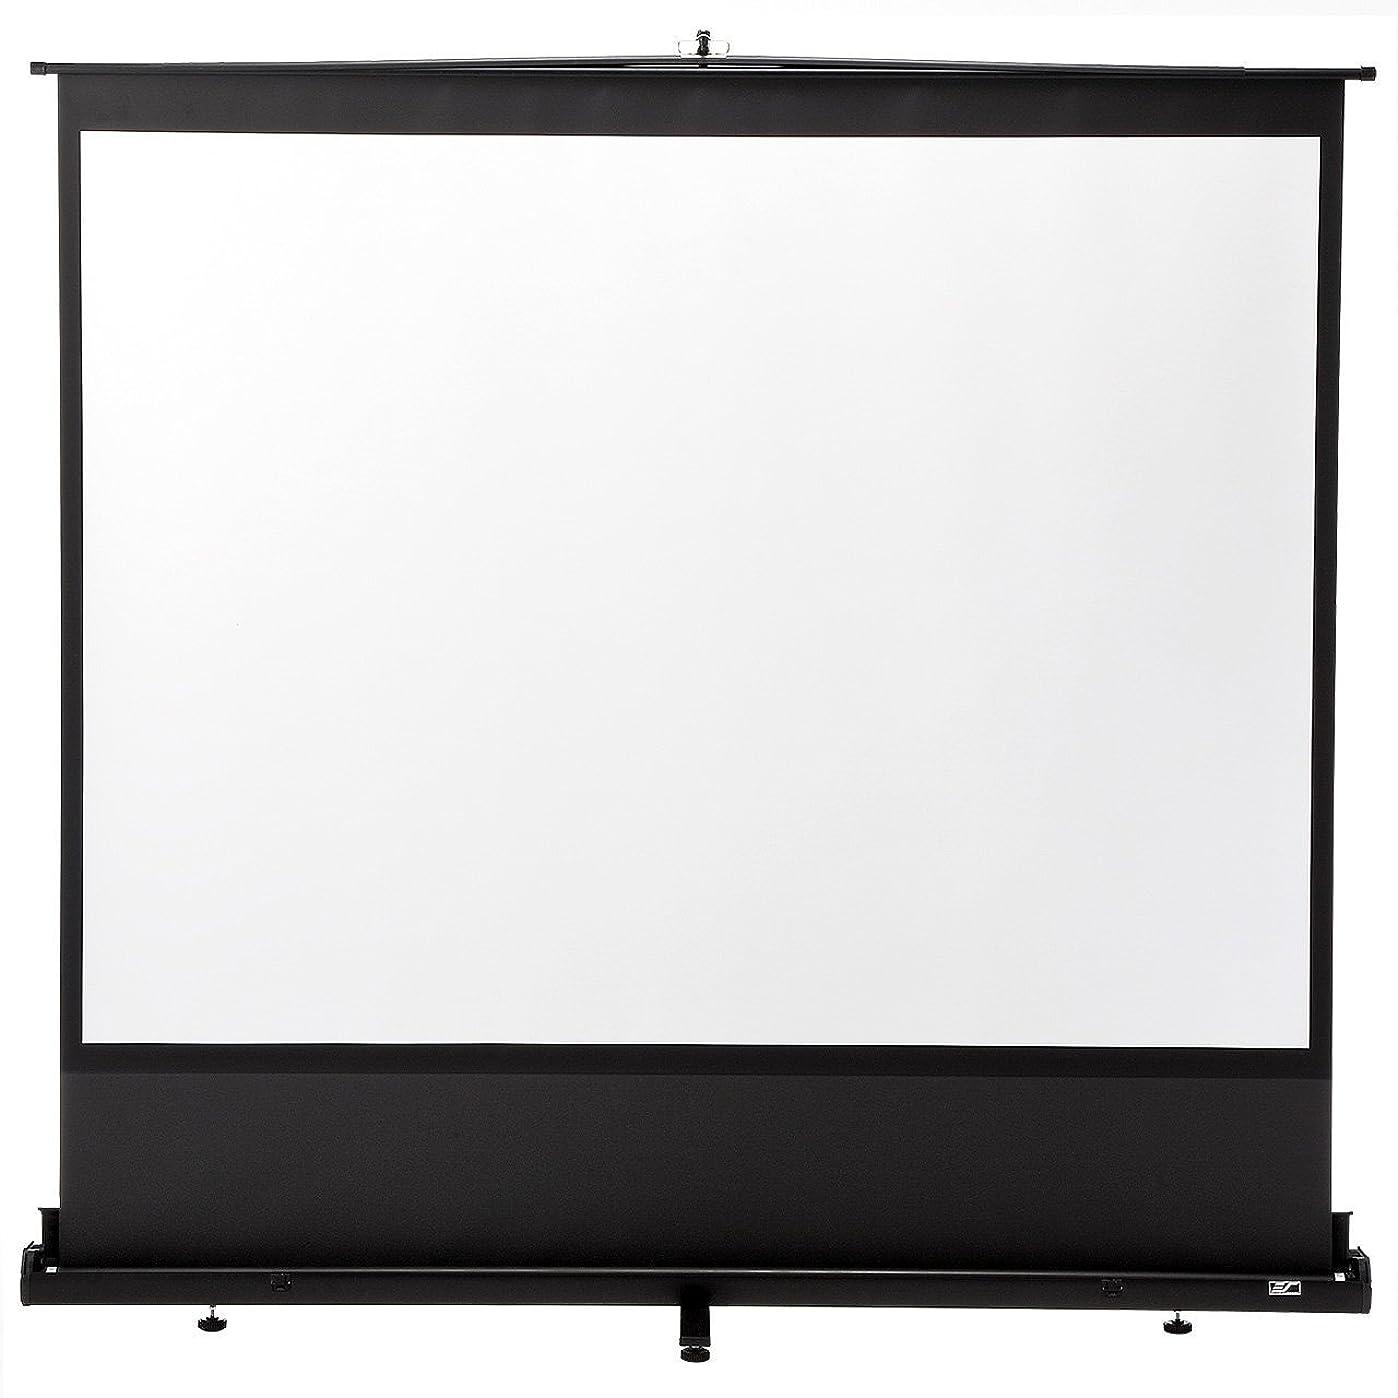 市の花放出スロープイーサプライ プロジェクタースクリーン 100インチ 自立式床置き型 ロールスクリーン EEZ-PRS009